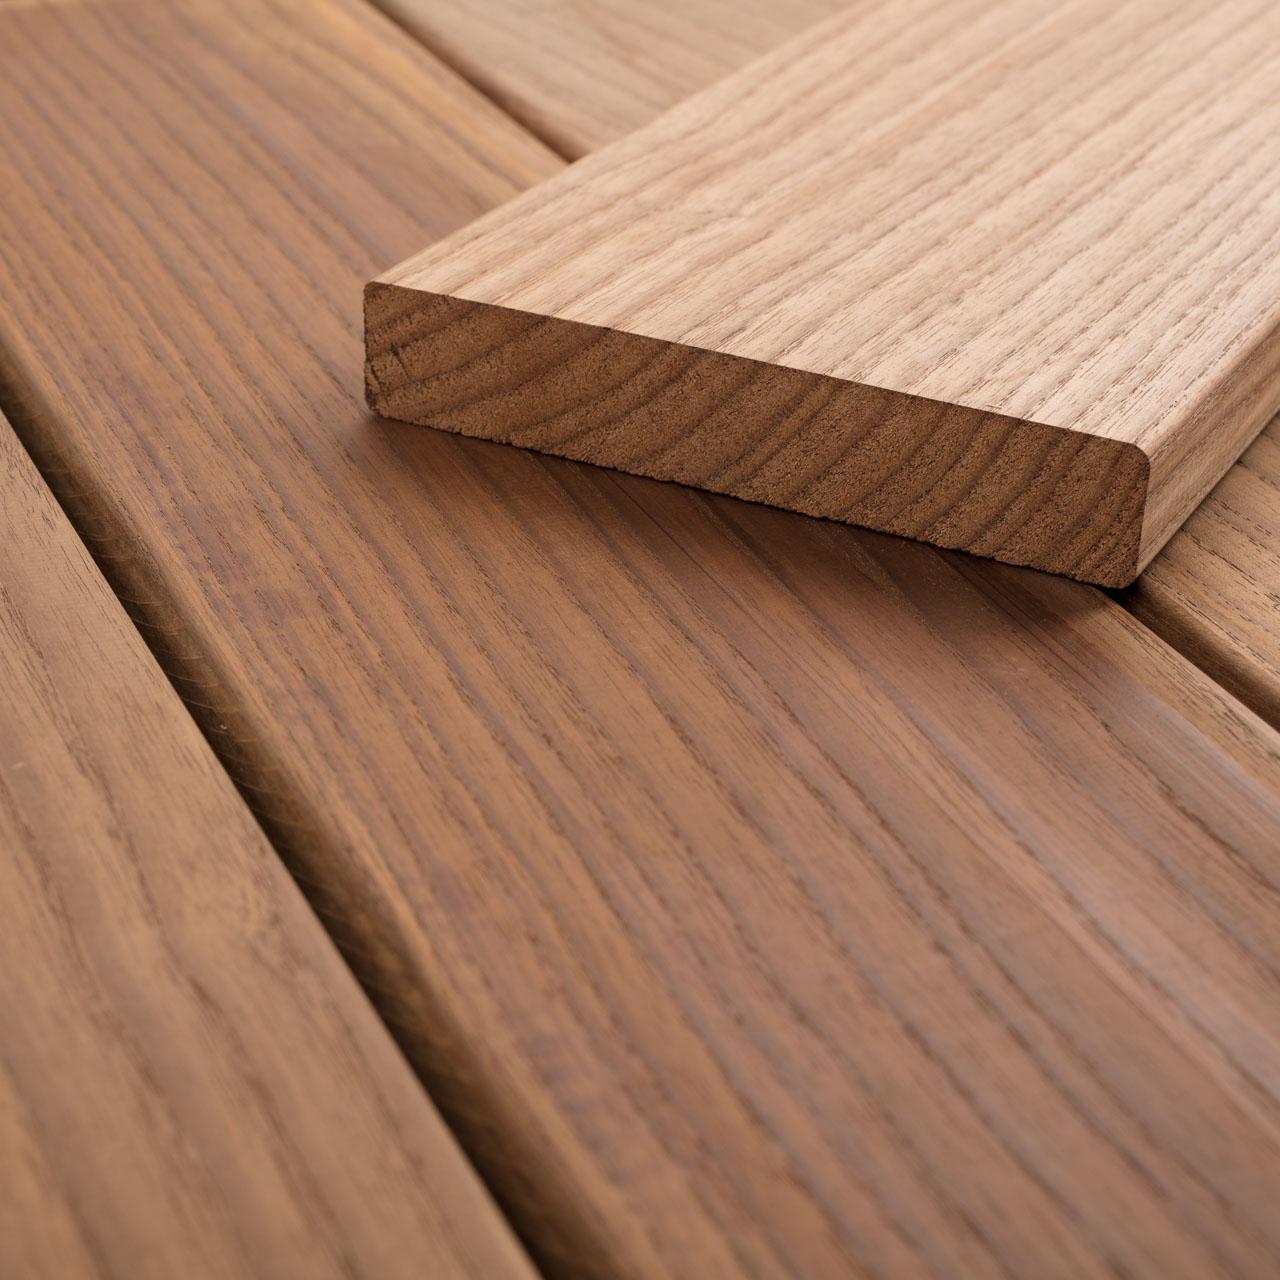 Terrassendielen Sibirische Lärche glatt grob fein 27x145mm 2,5m 4m Holz Bretter